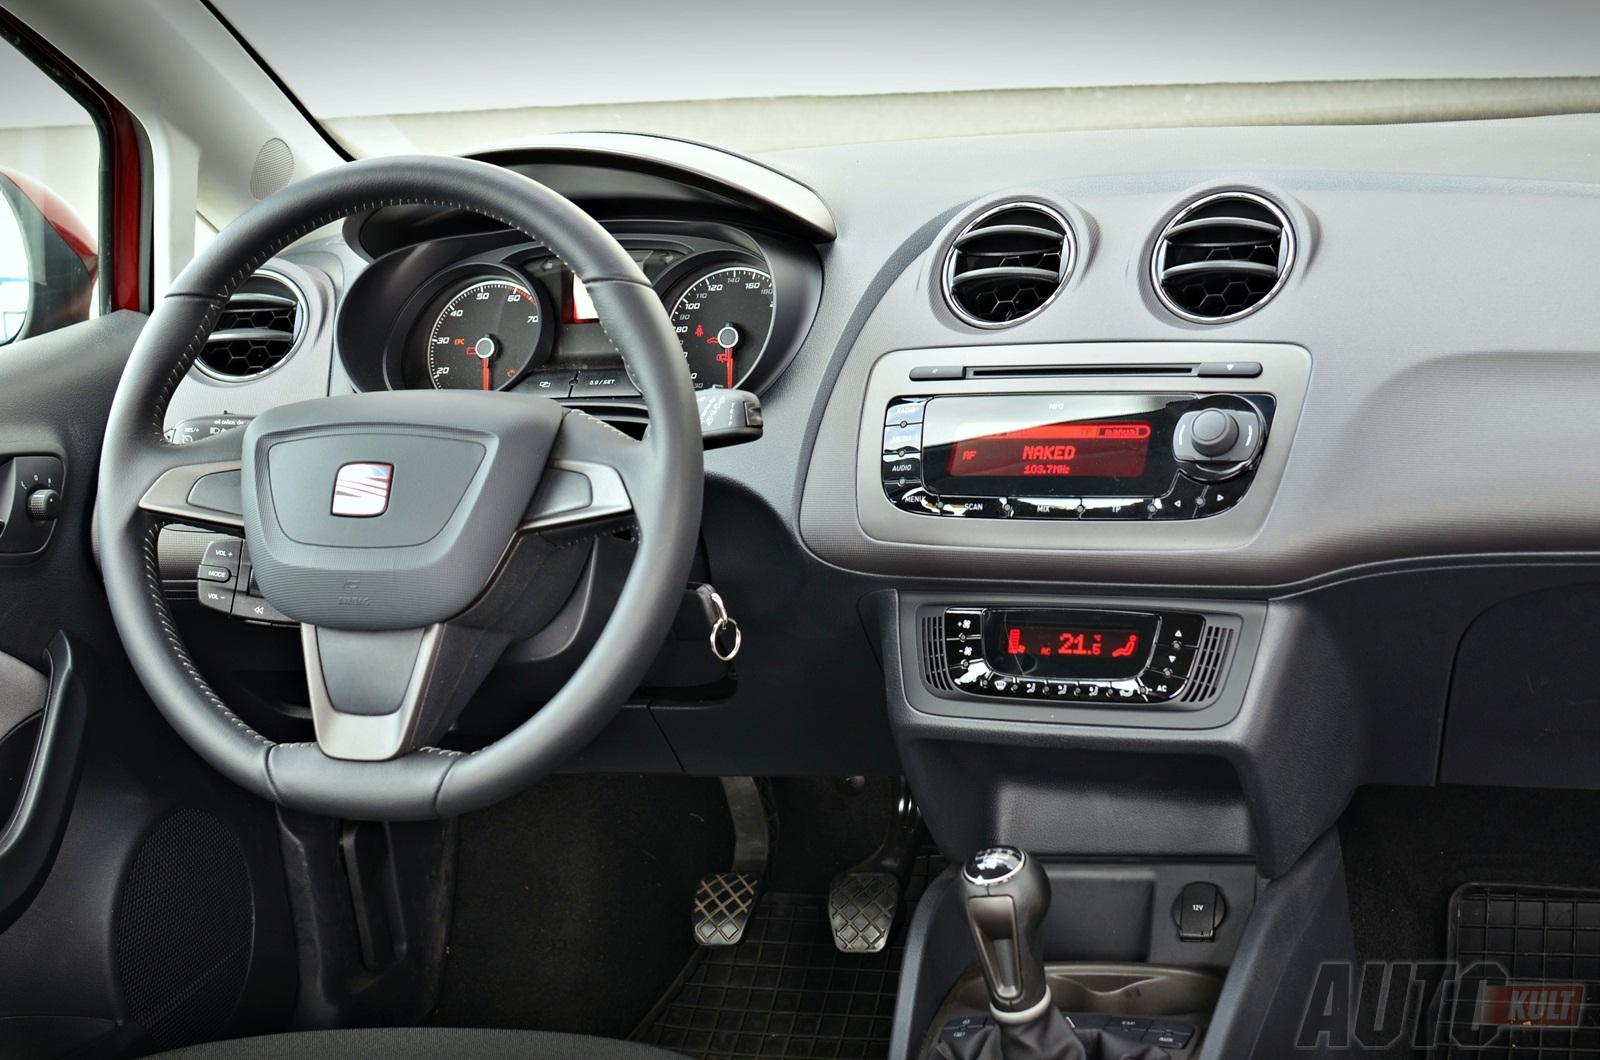 Oryginał Seat Ibiza 1,2 TSI Style – kosmetycznie dopieszczony [wideotest] | PGD GQ36